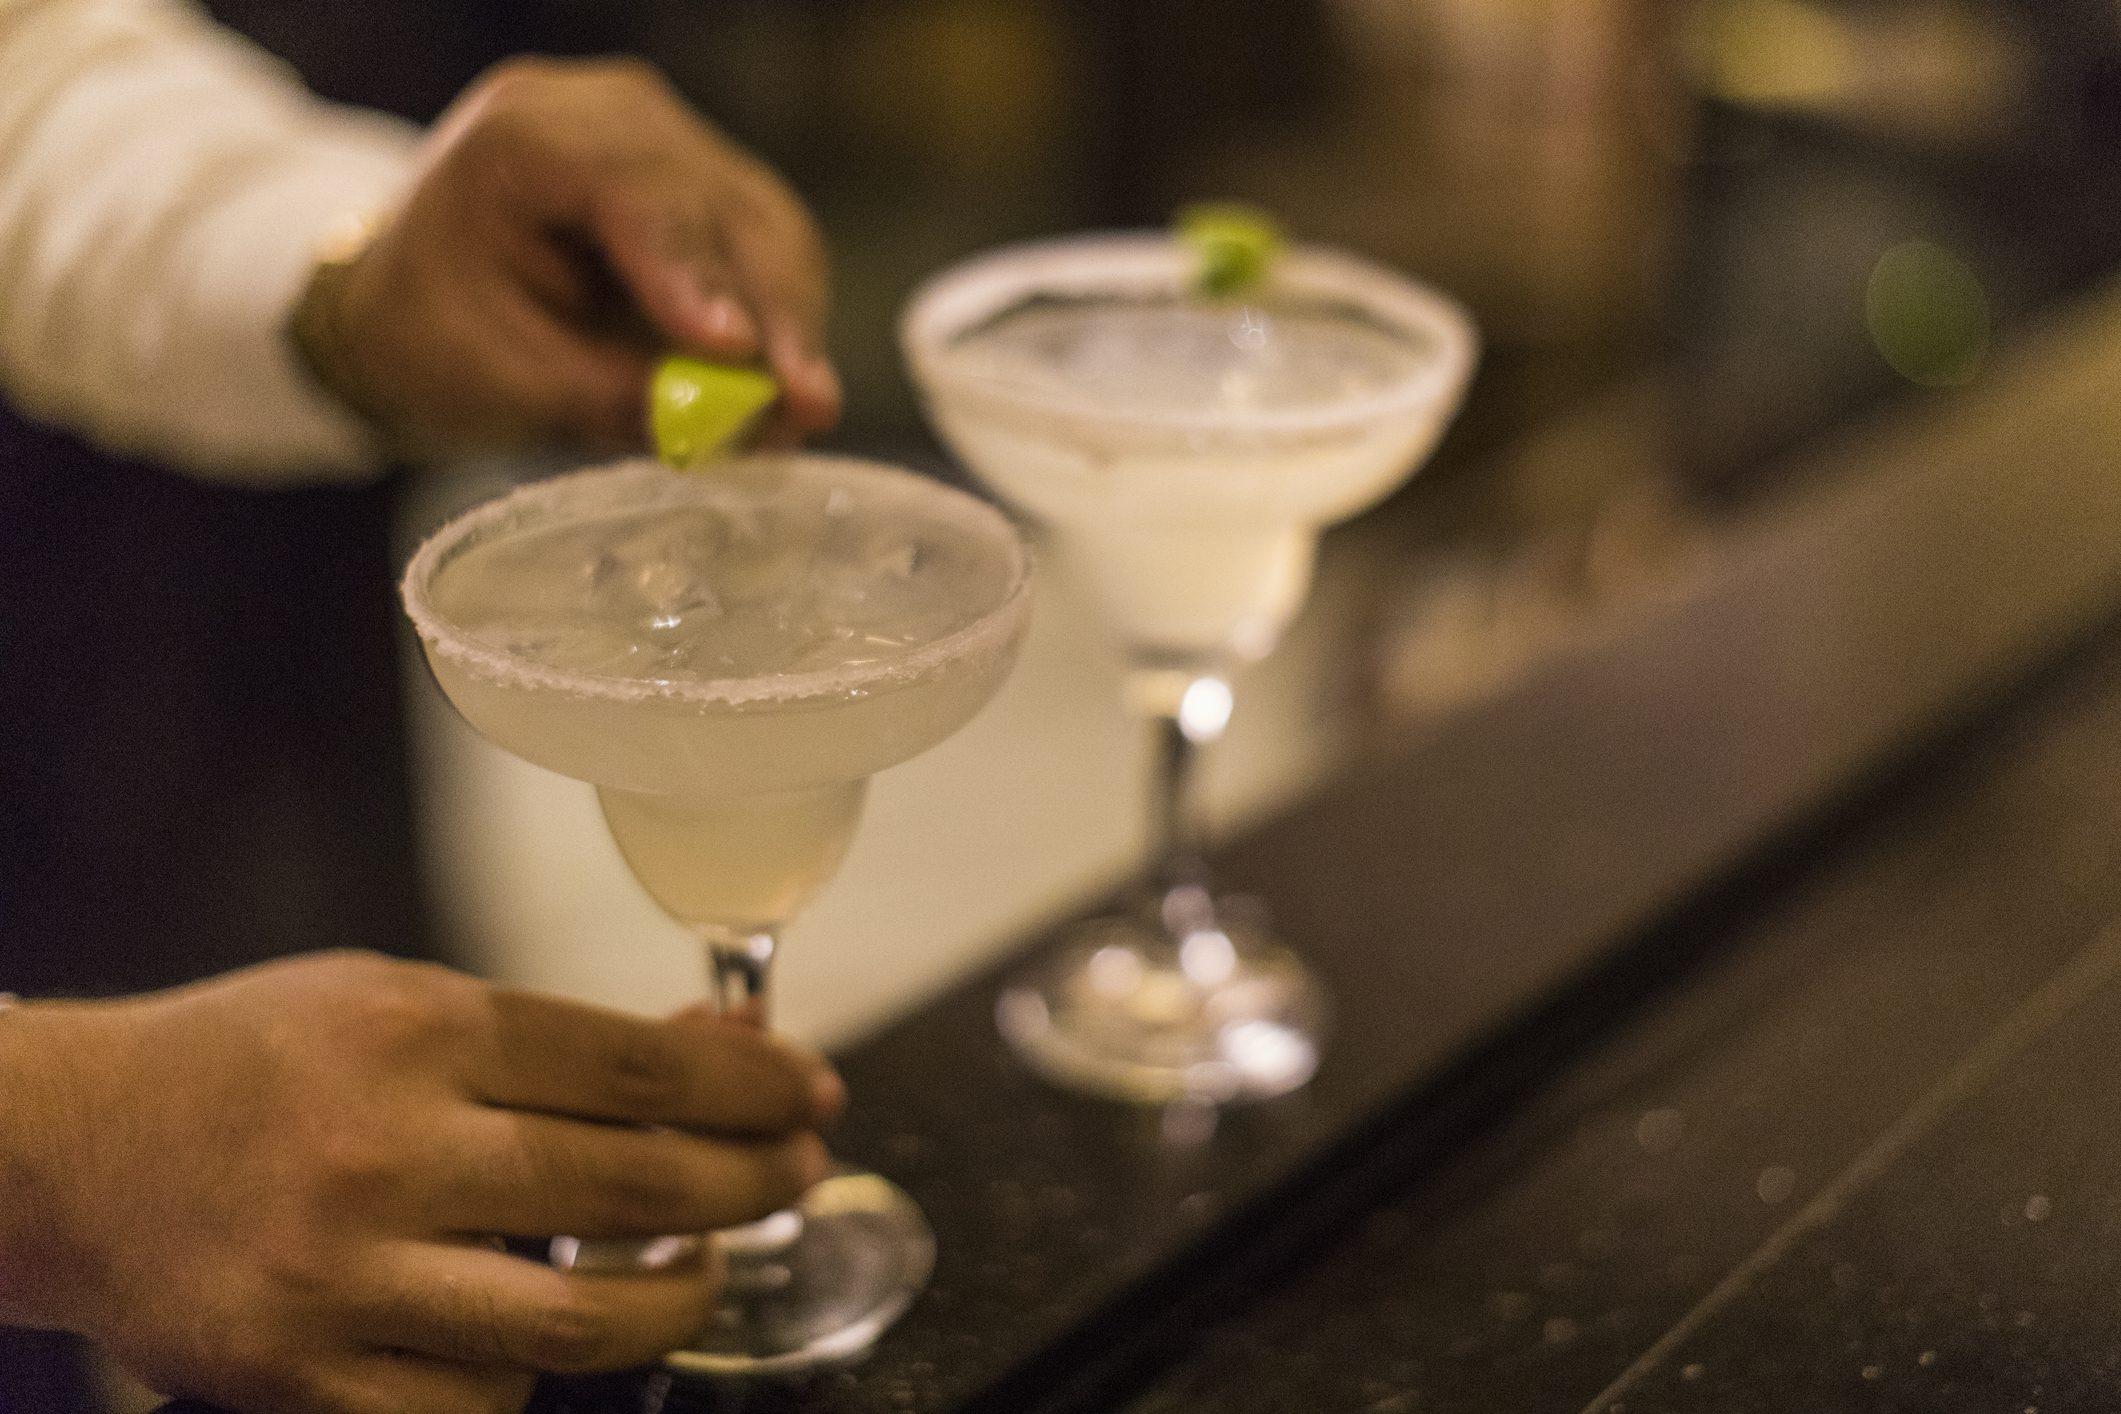 Come abbinare il Margarita? Lo abbiamo chiesto ad alcuni dei migliori bartender d'Italia